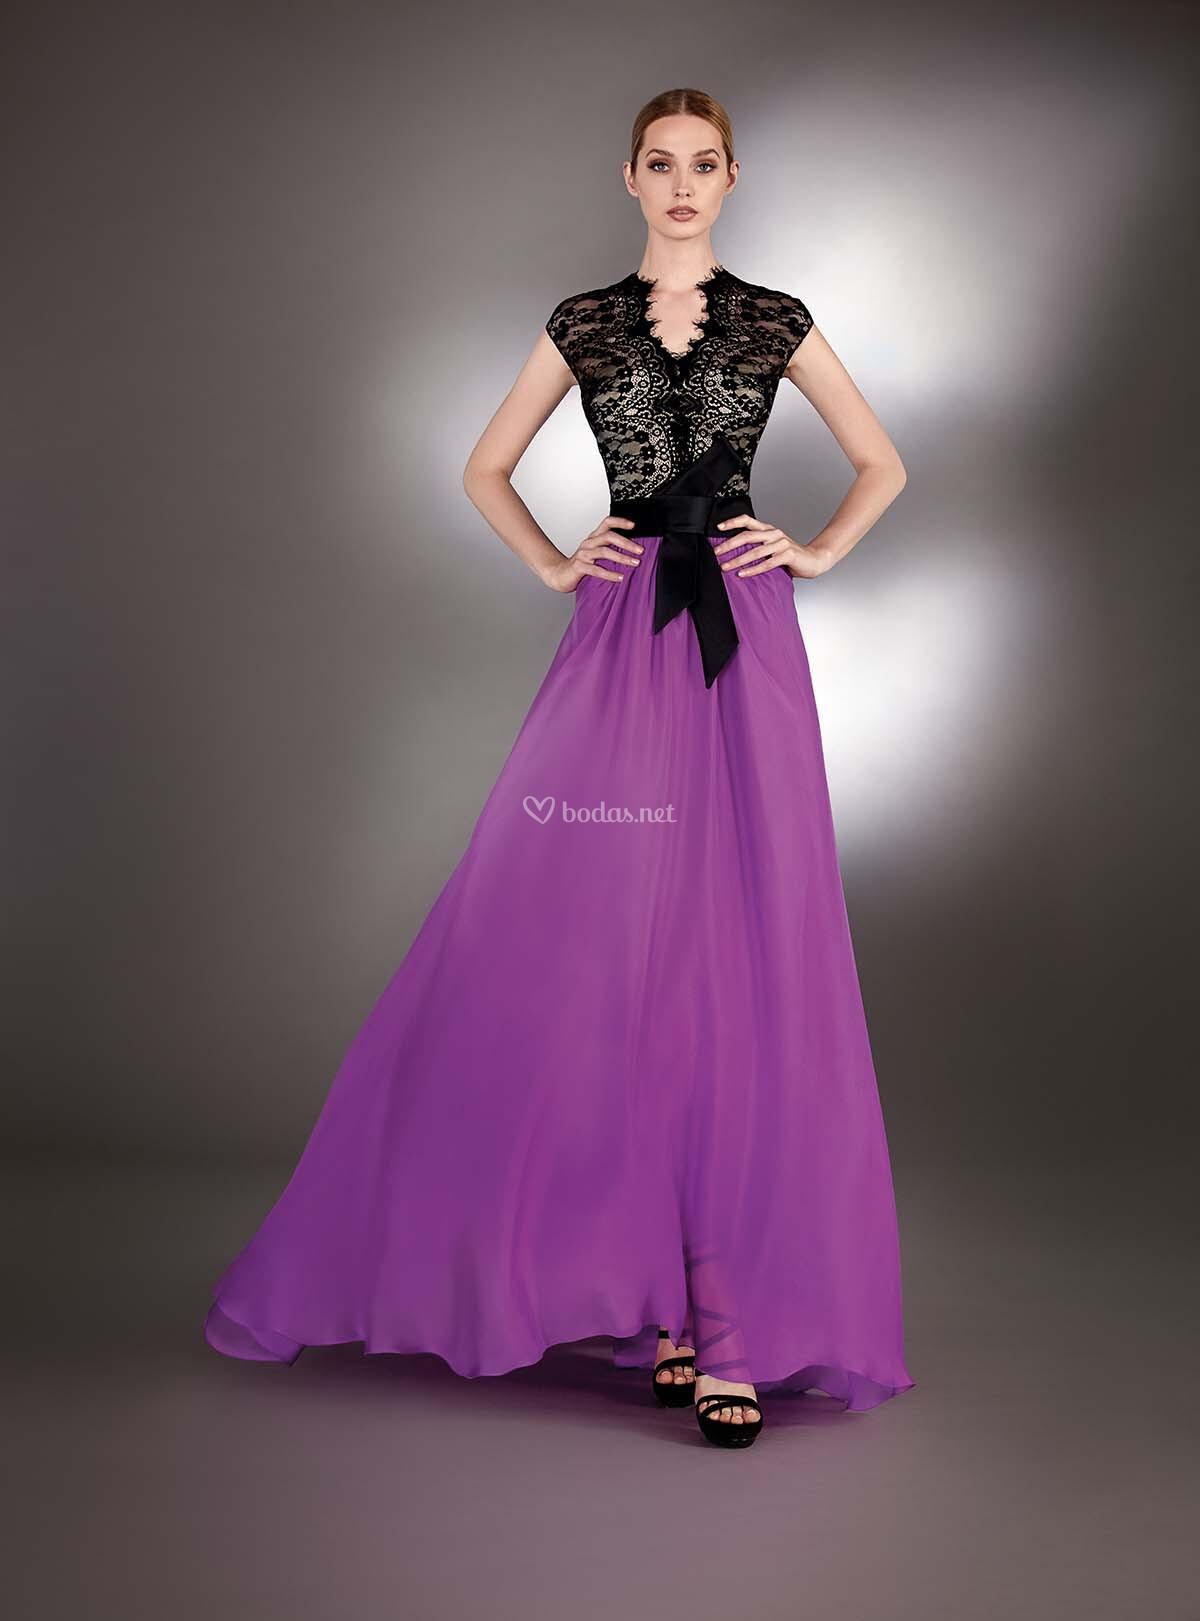 Vestido de Madrina de Hannibal Laguna Atelier - TANCALDI